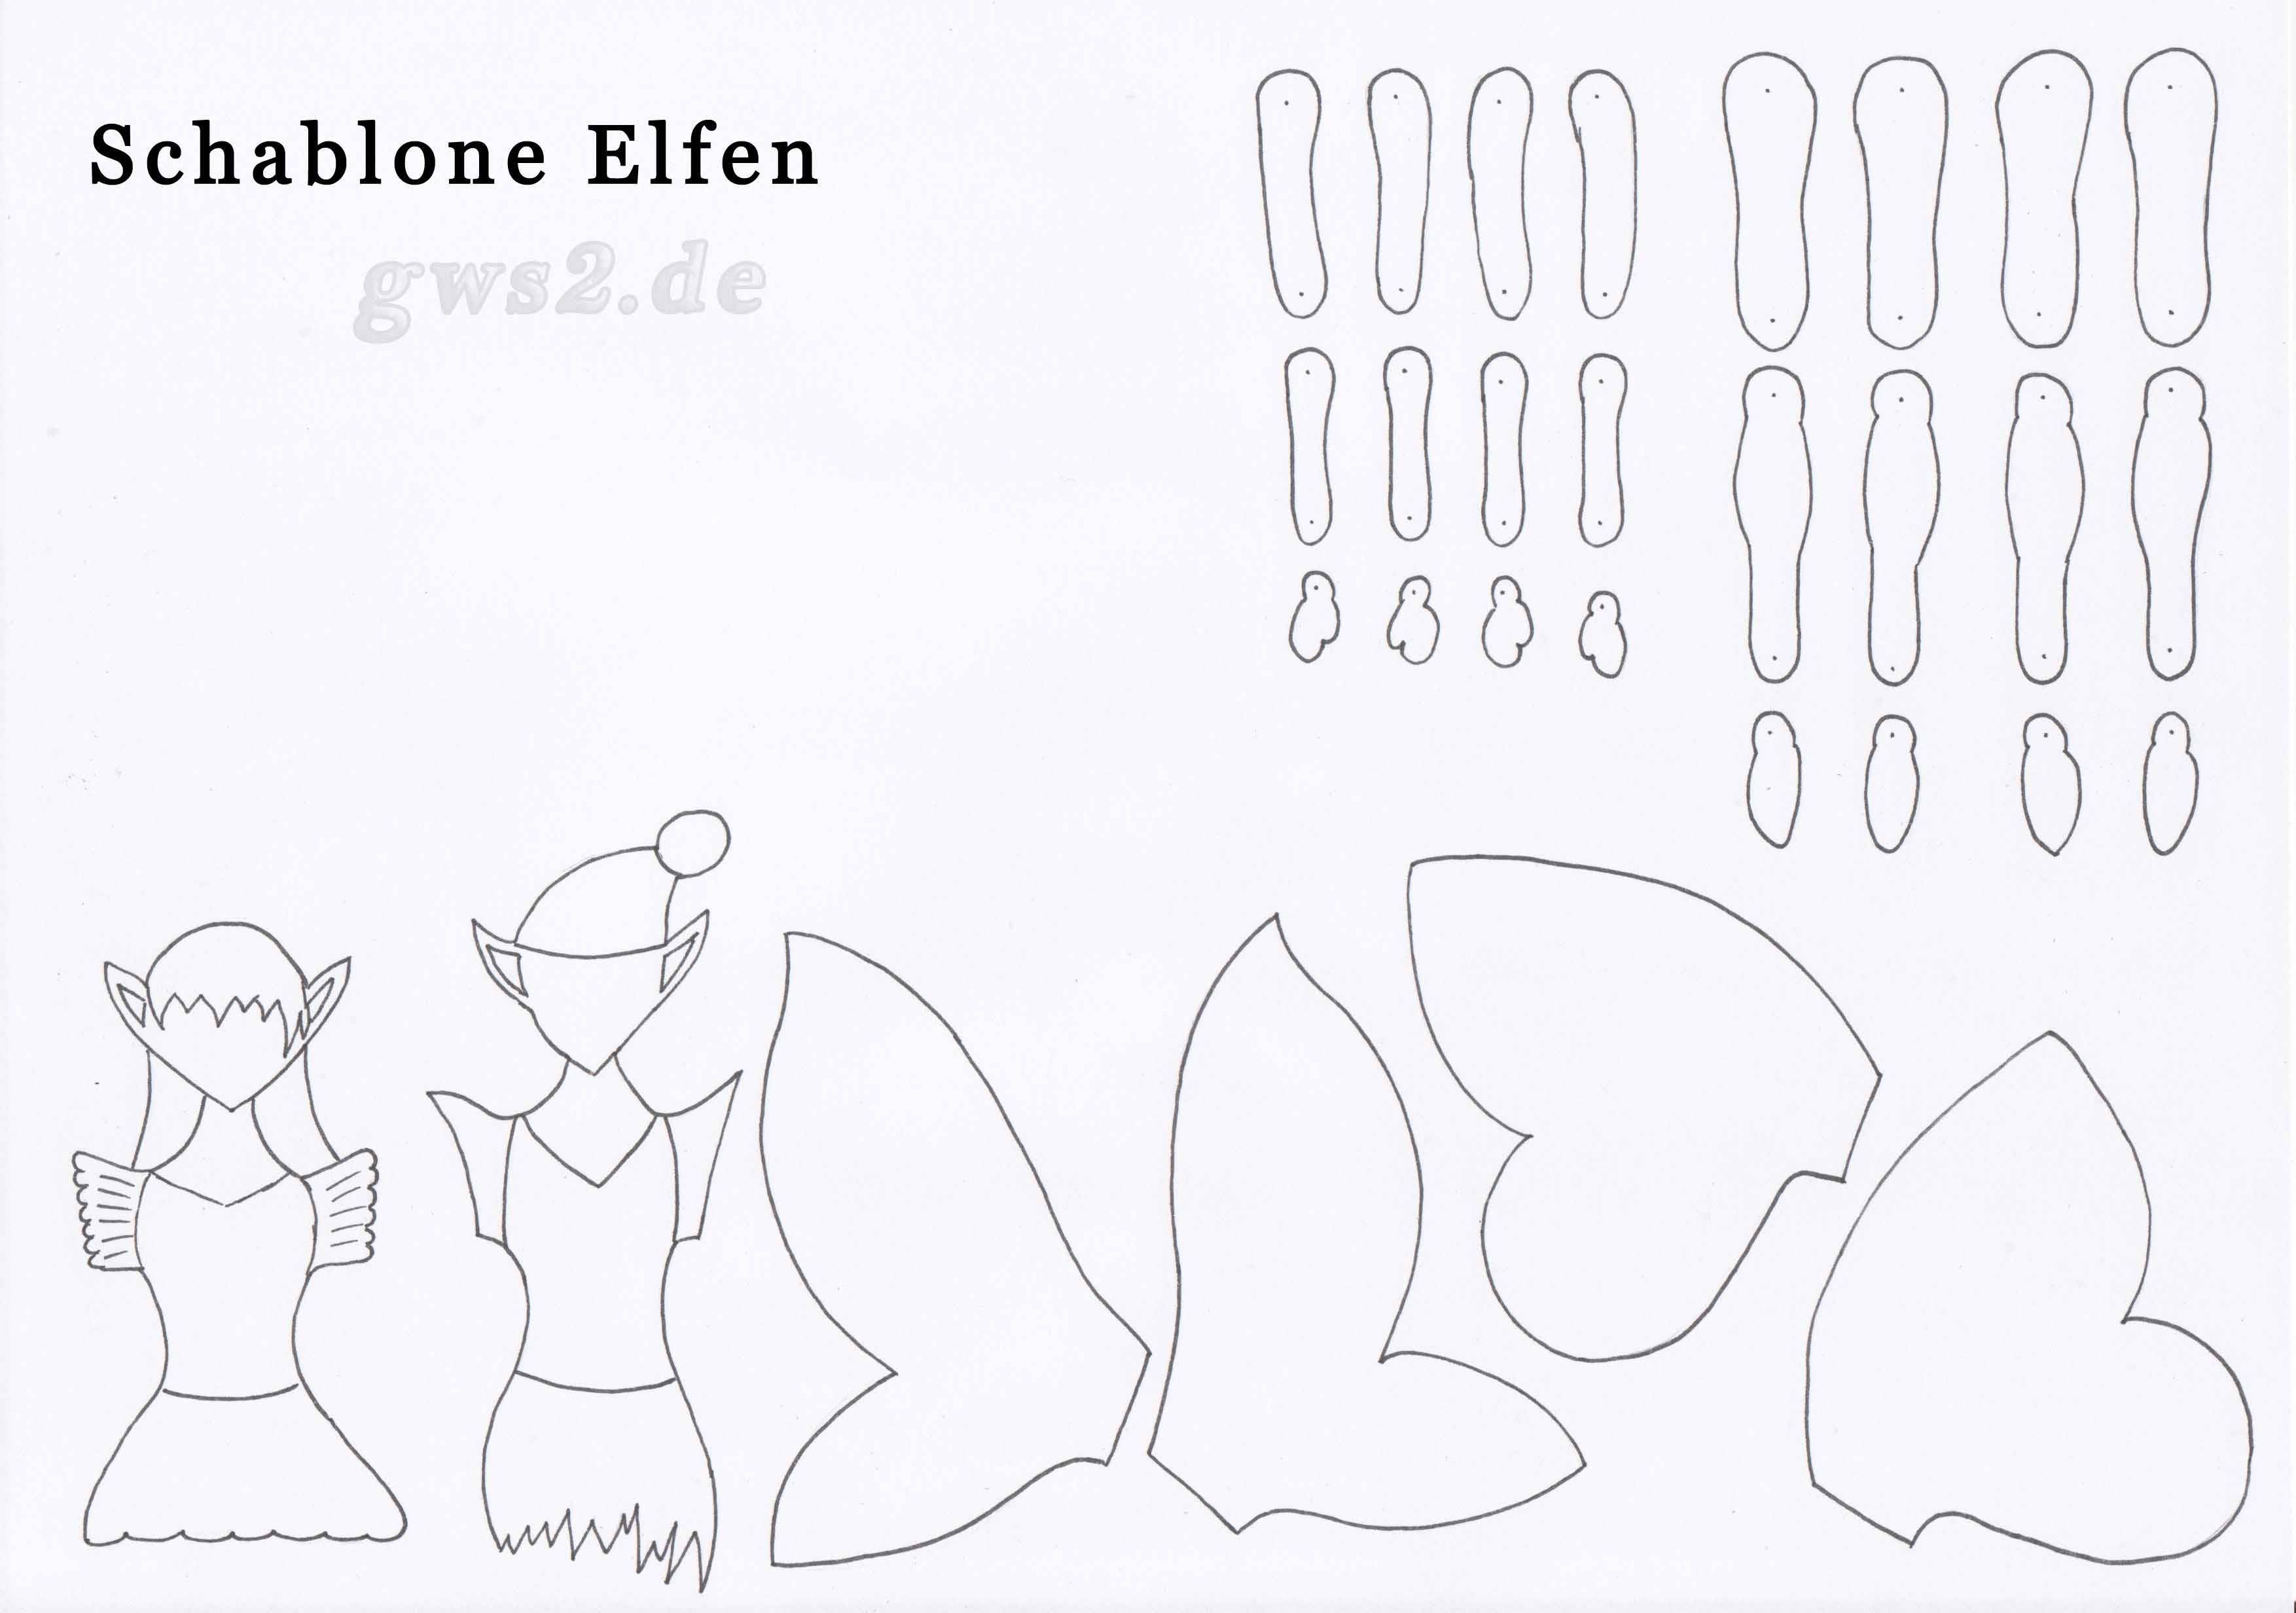 Bild von Schablone für Elfen